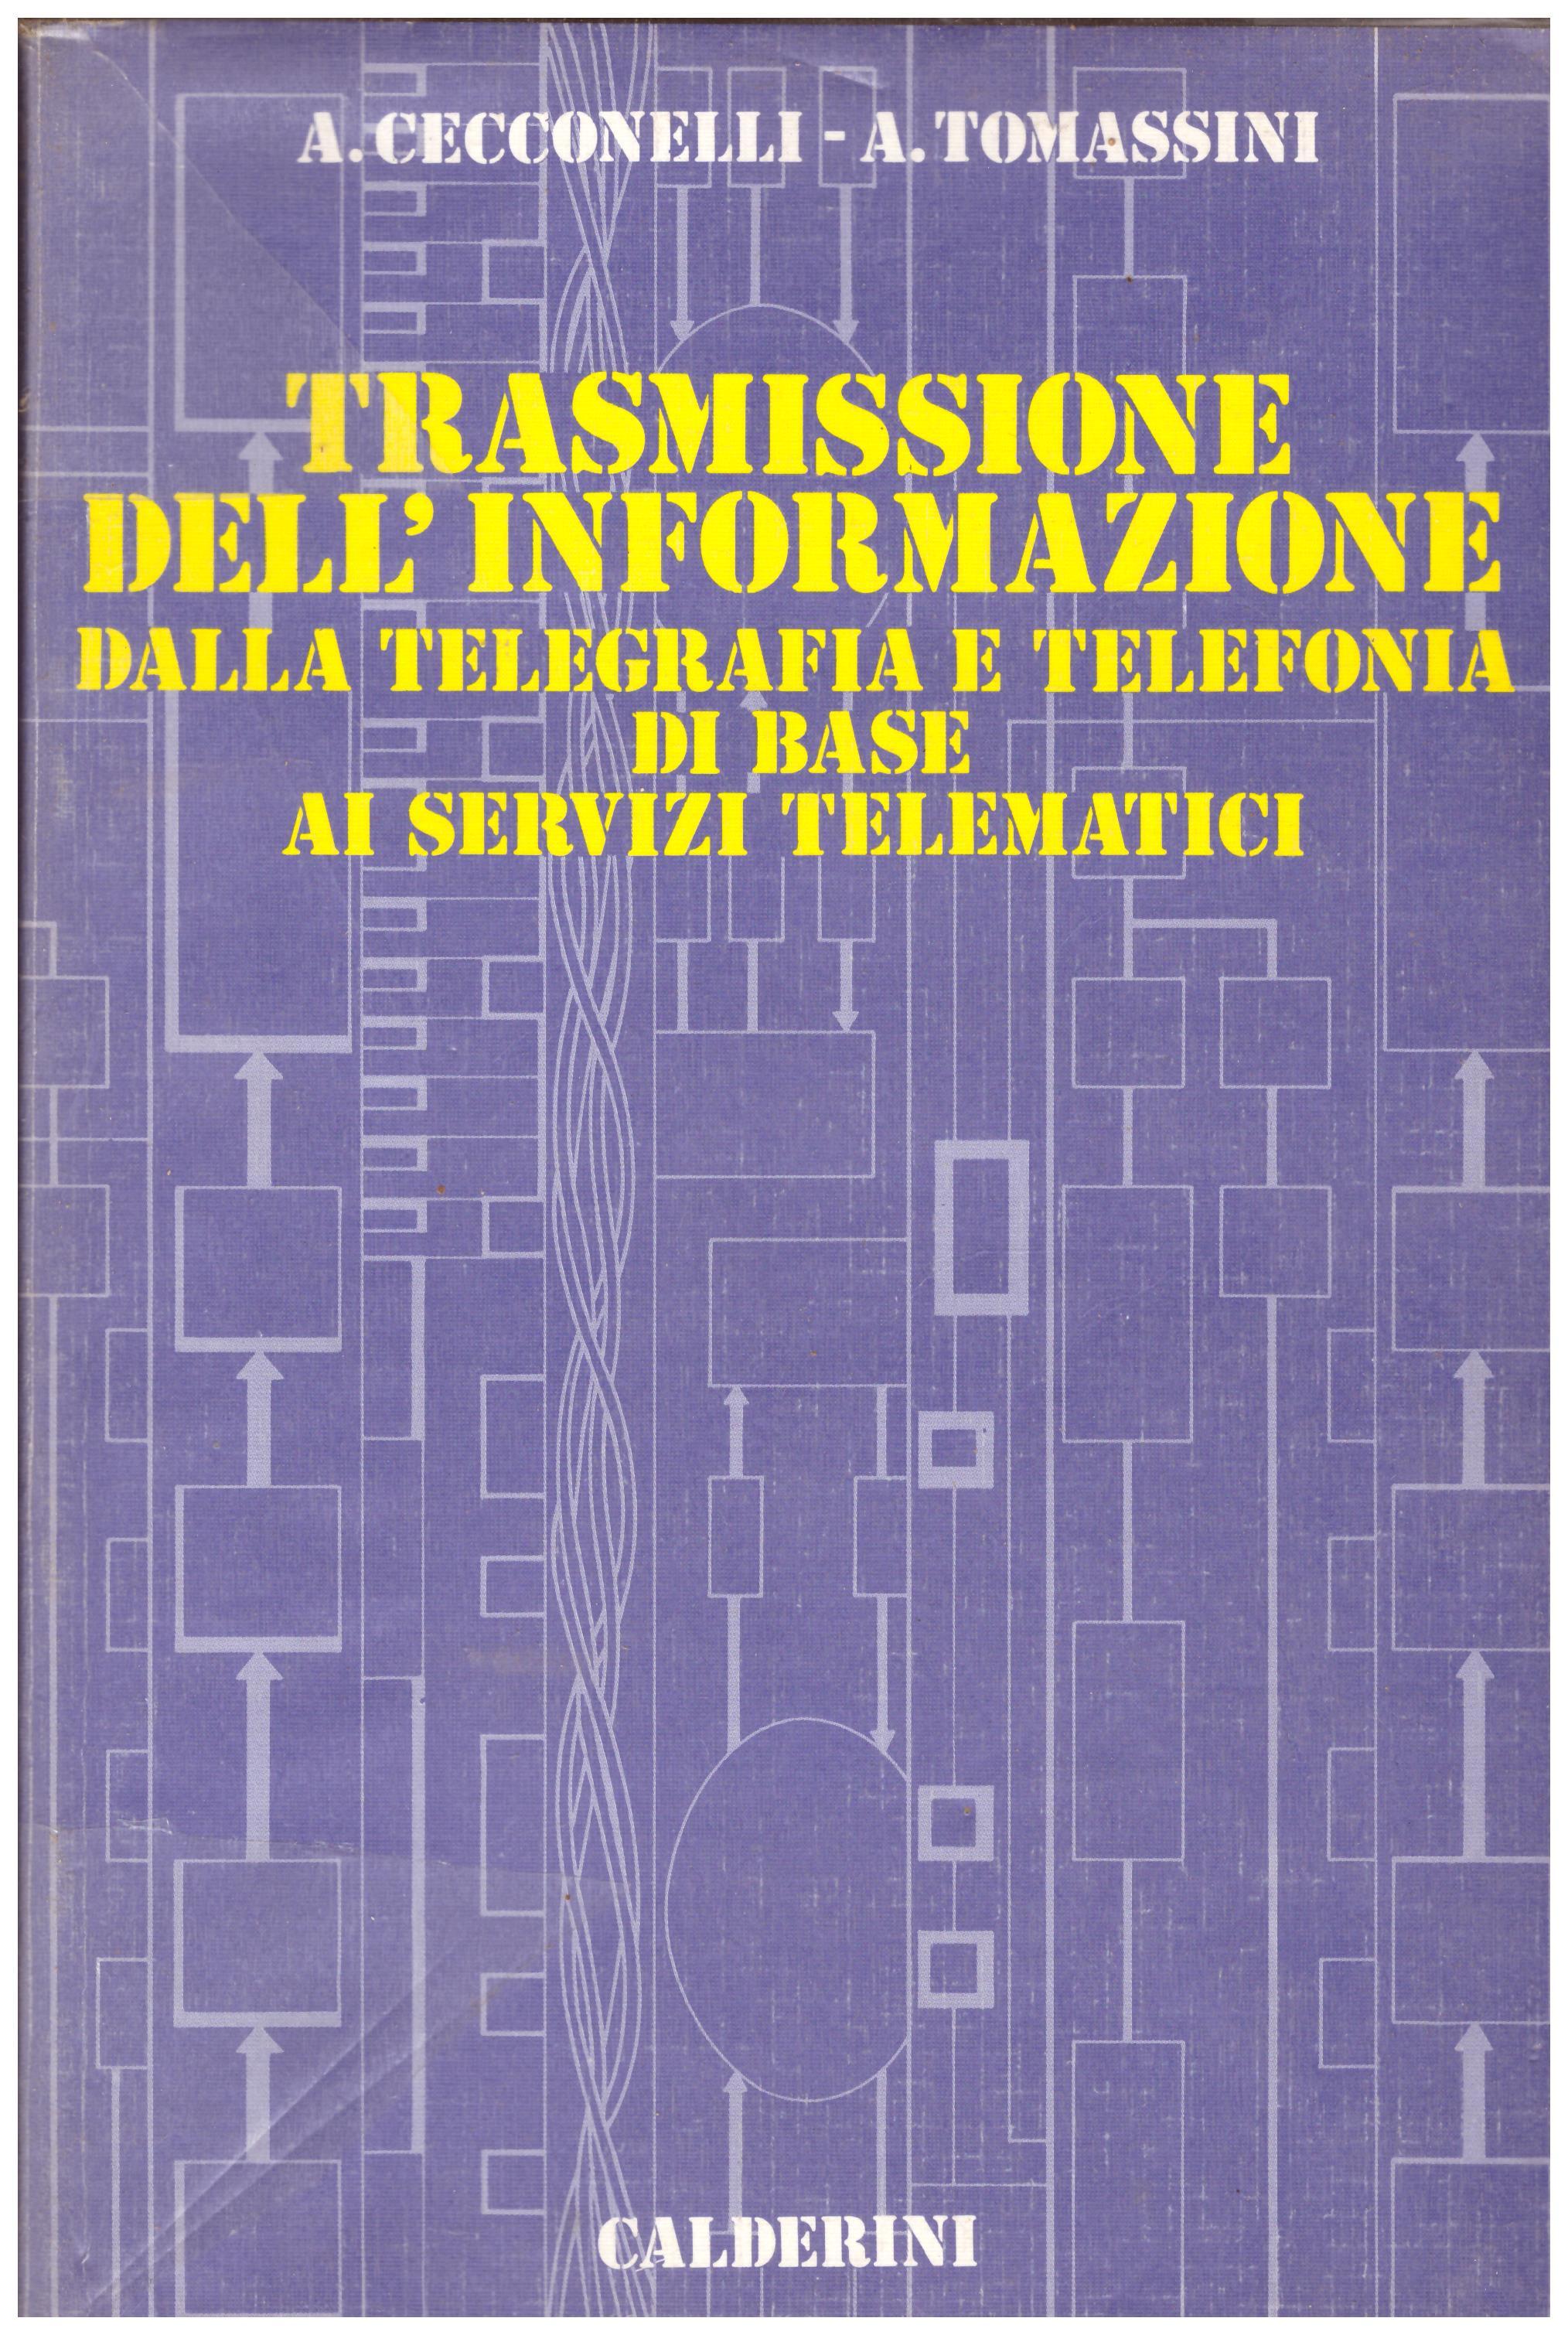 Titolo: Trasmissione dell'informazione Autore: AA.VV.  Editore: Calderini 1987